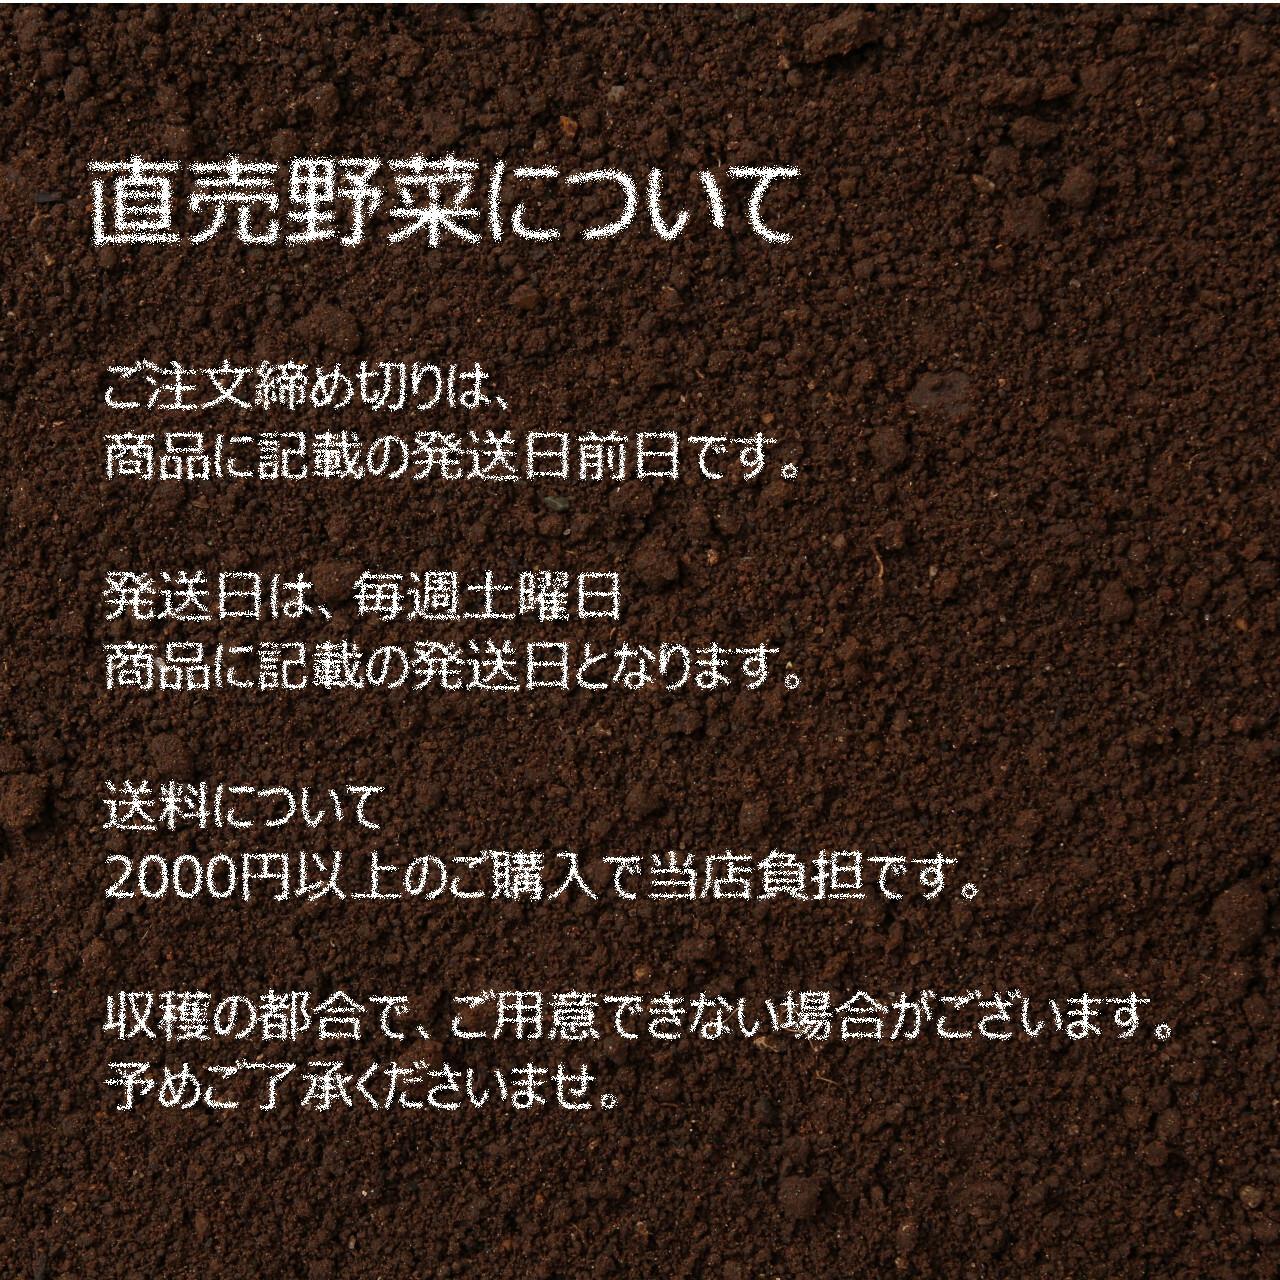 7月の新鮮野菜 : ブロッコリー 約 1個 朝採り直売野菜 7月4日発送予定